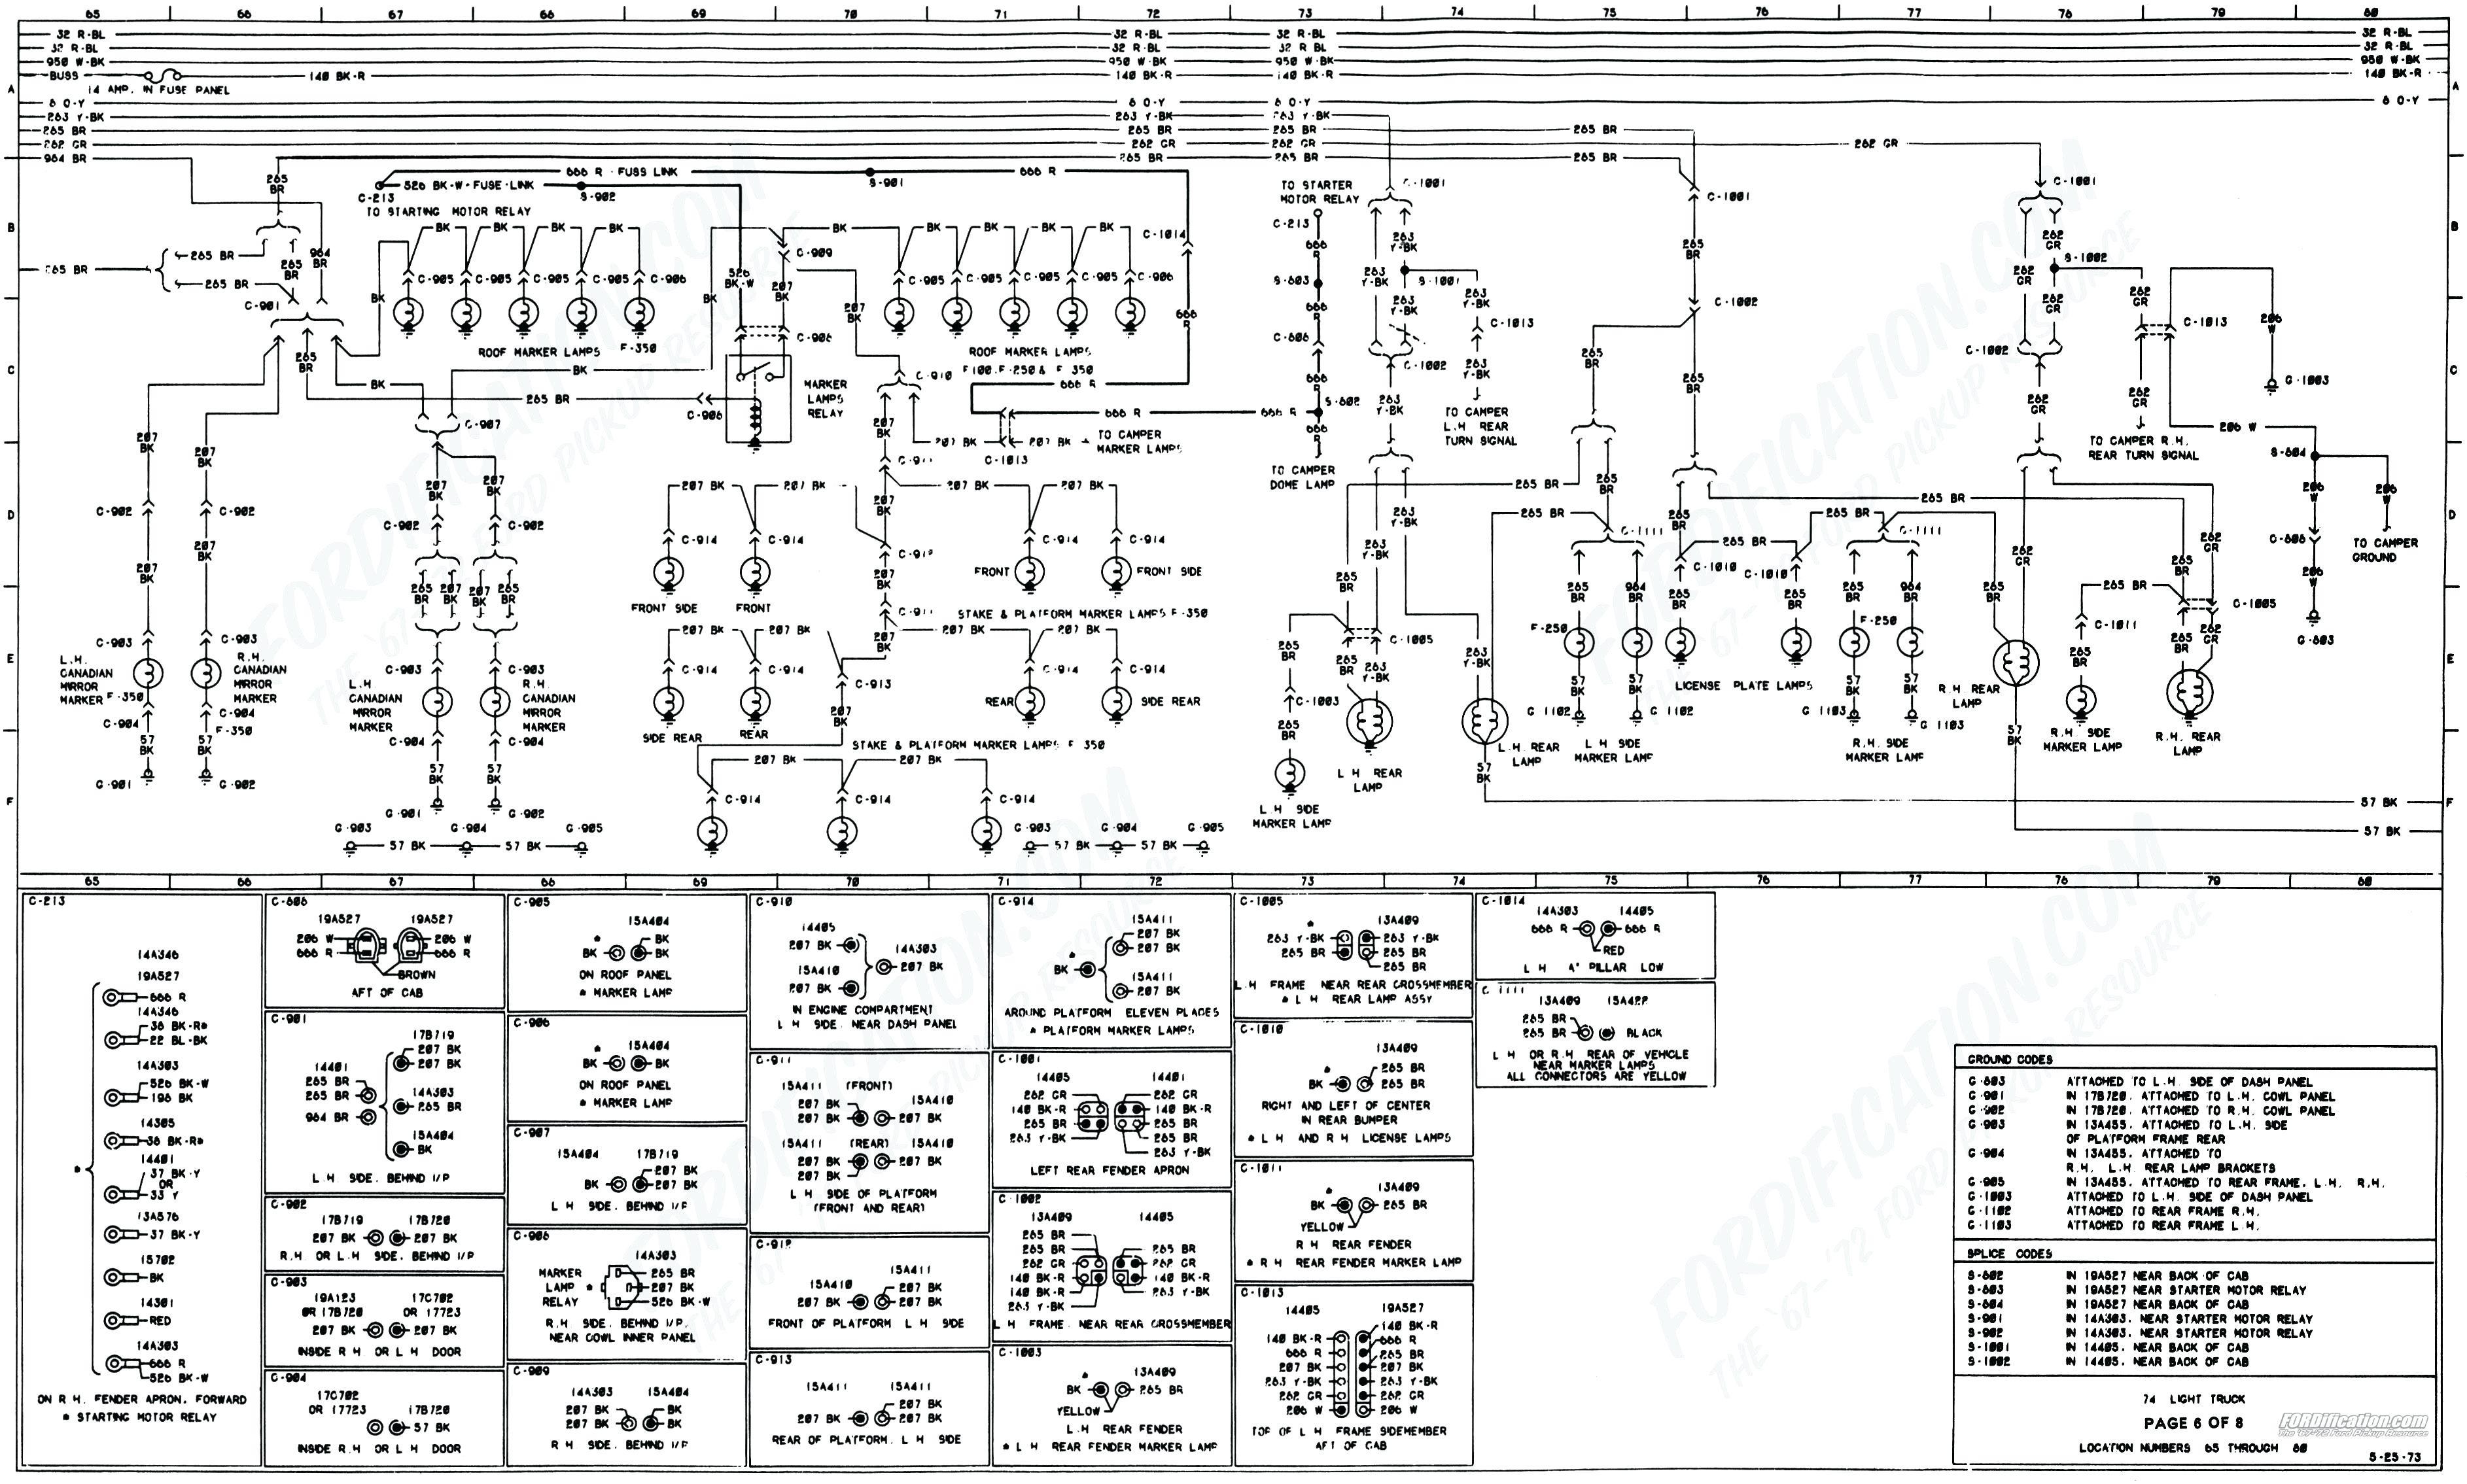 06 Sterling Fuse Panel Diagram Wiring Diagram Under1 Under1 Bujinkan It